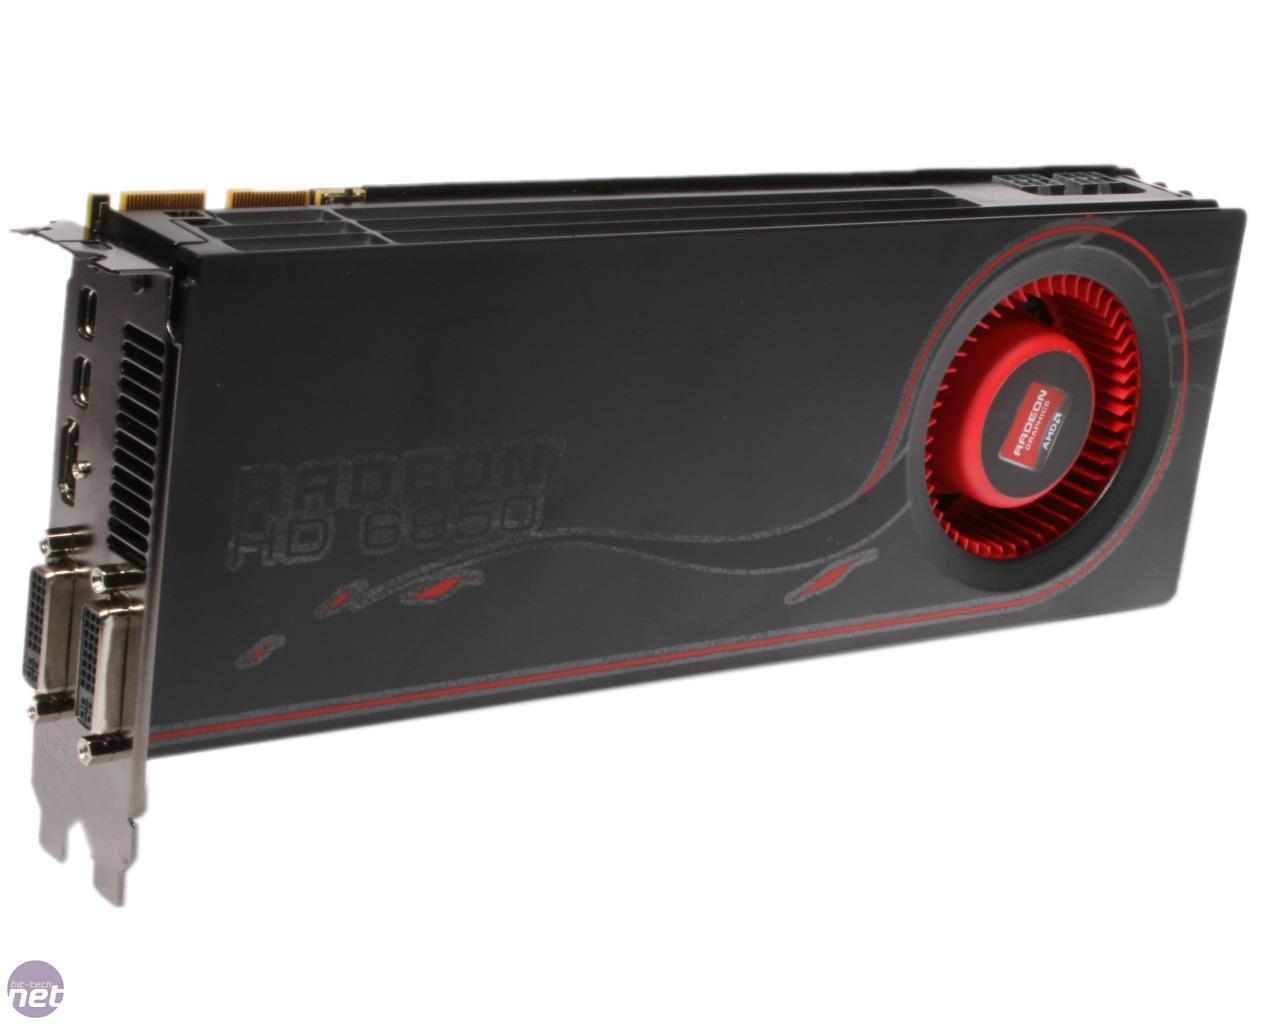 ATI Radeon HD 6950 Review | bit-tech.net